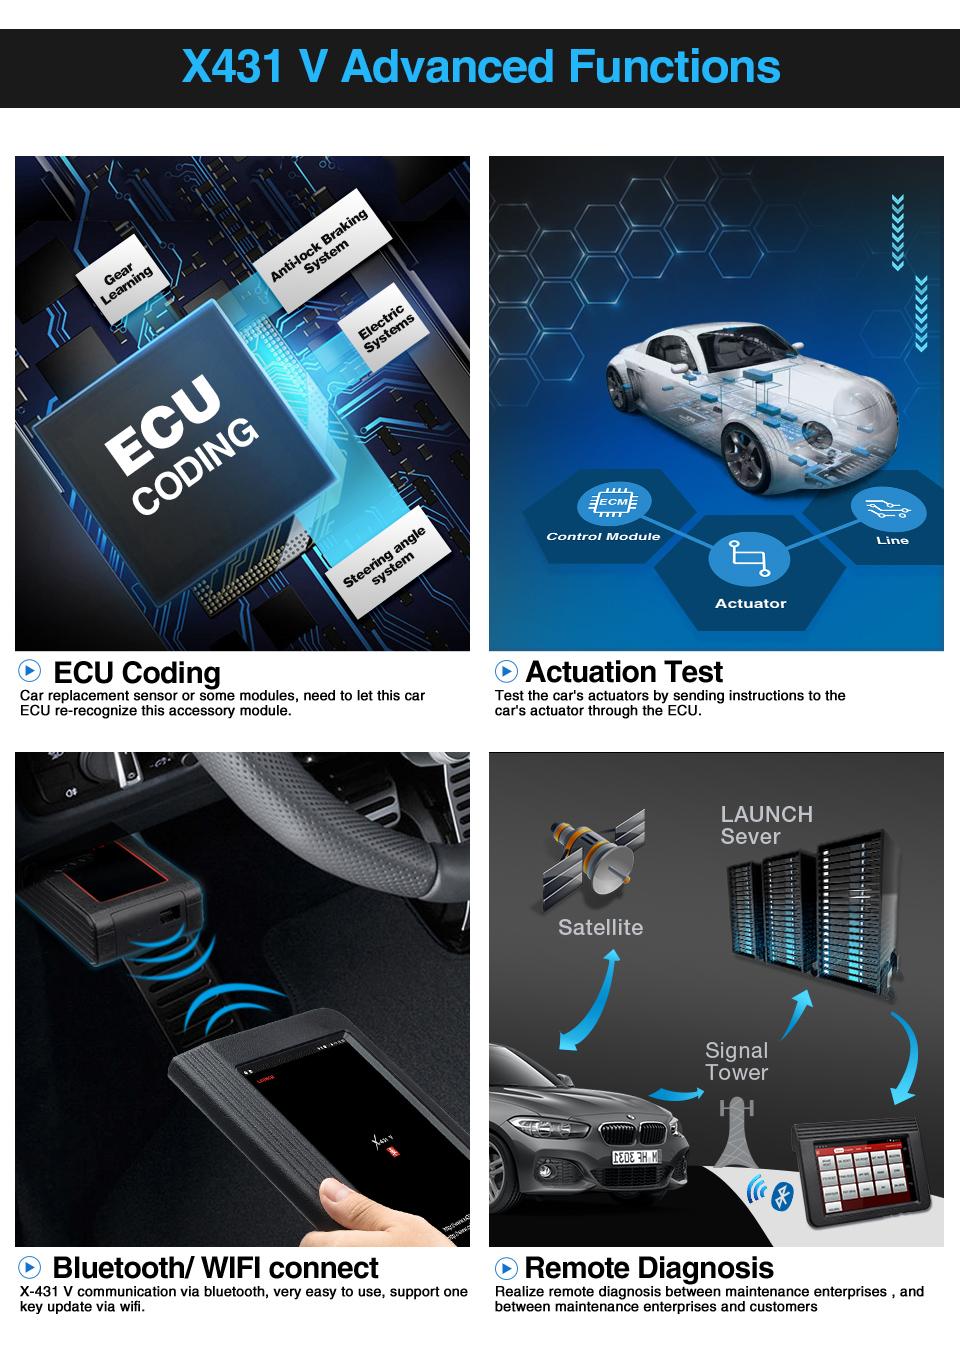 """2020 모델 출시 X431 V 8 """"강력한 발사 X431 5C 무료 업데이트 인터넷 X-431 V 8 인치 블루투스/WiFi 글로벌 버전"""